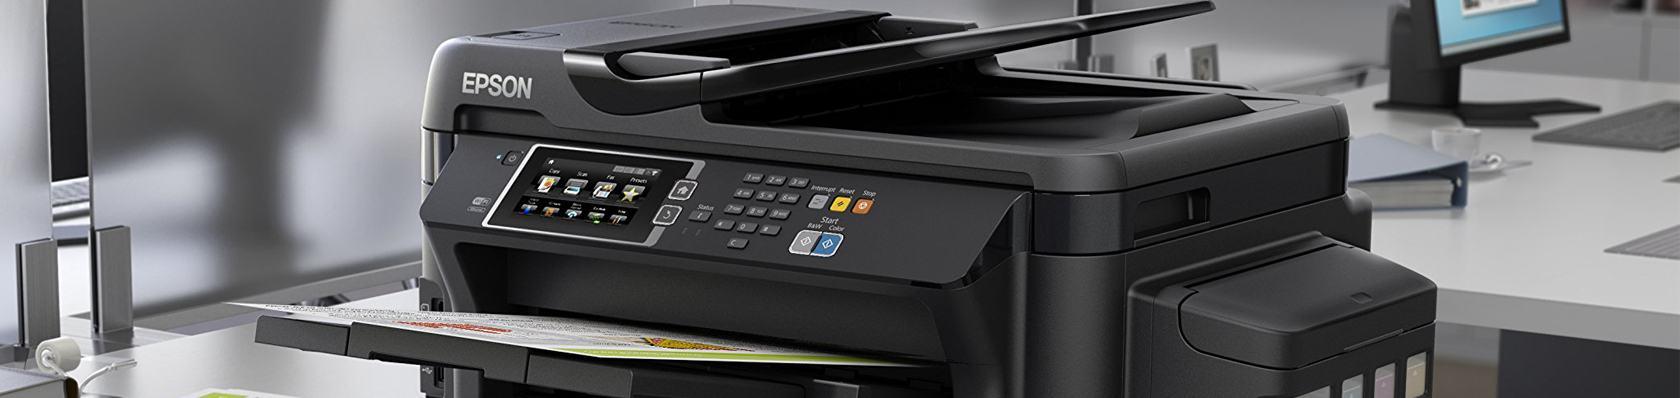 Laser-Multifunktionsdrucker im Test auf ExpertenTesten.de